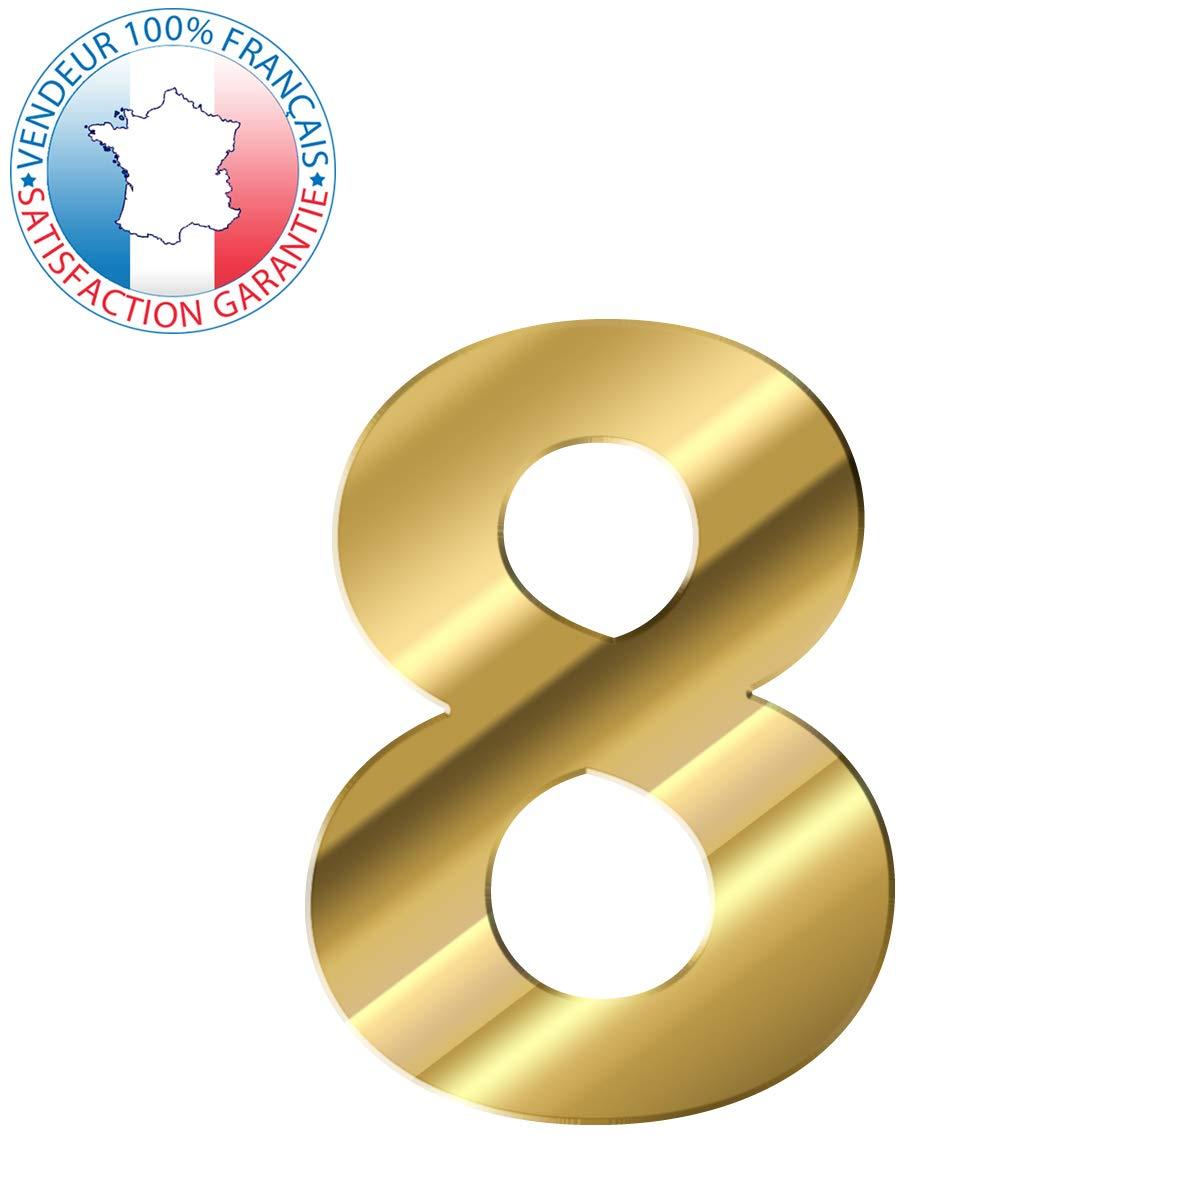 16 coloris disponibles Num/éro de rue bronze Chiffre 7 Hauteur 8 cm Num/éro de maison chiffres et lettres adh/ésifs d/écoup/és